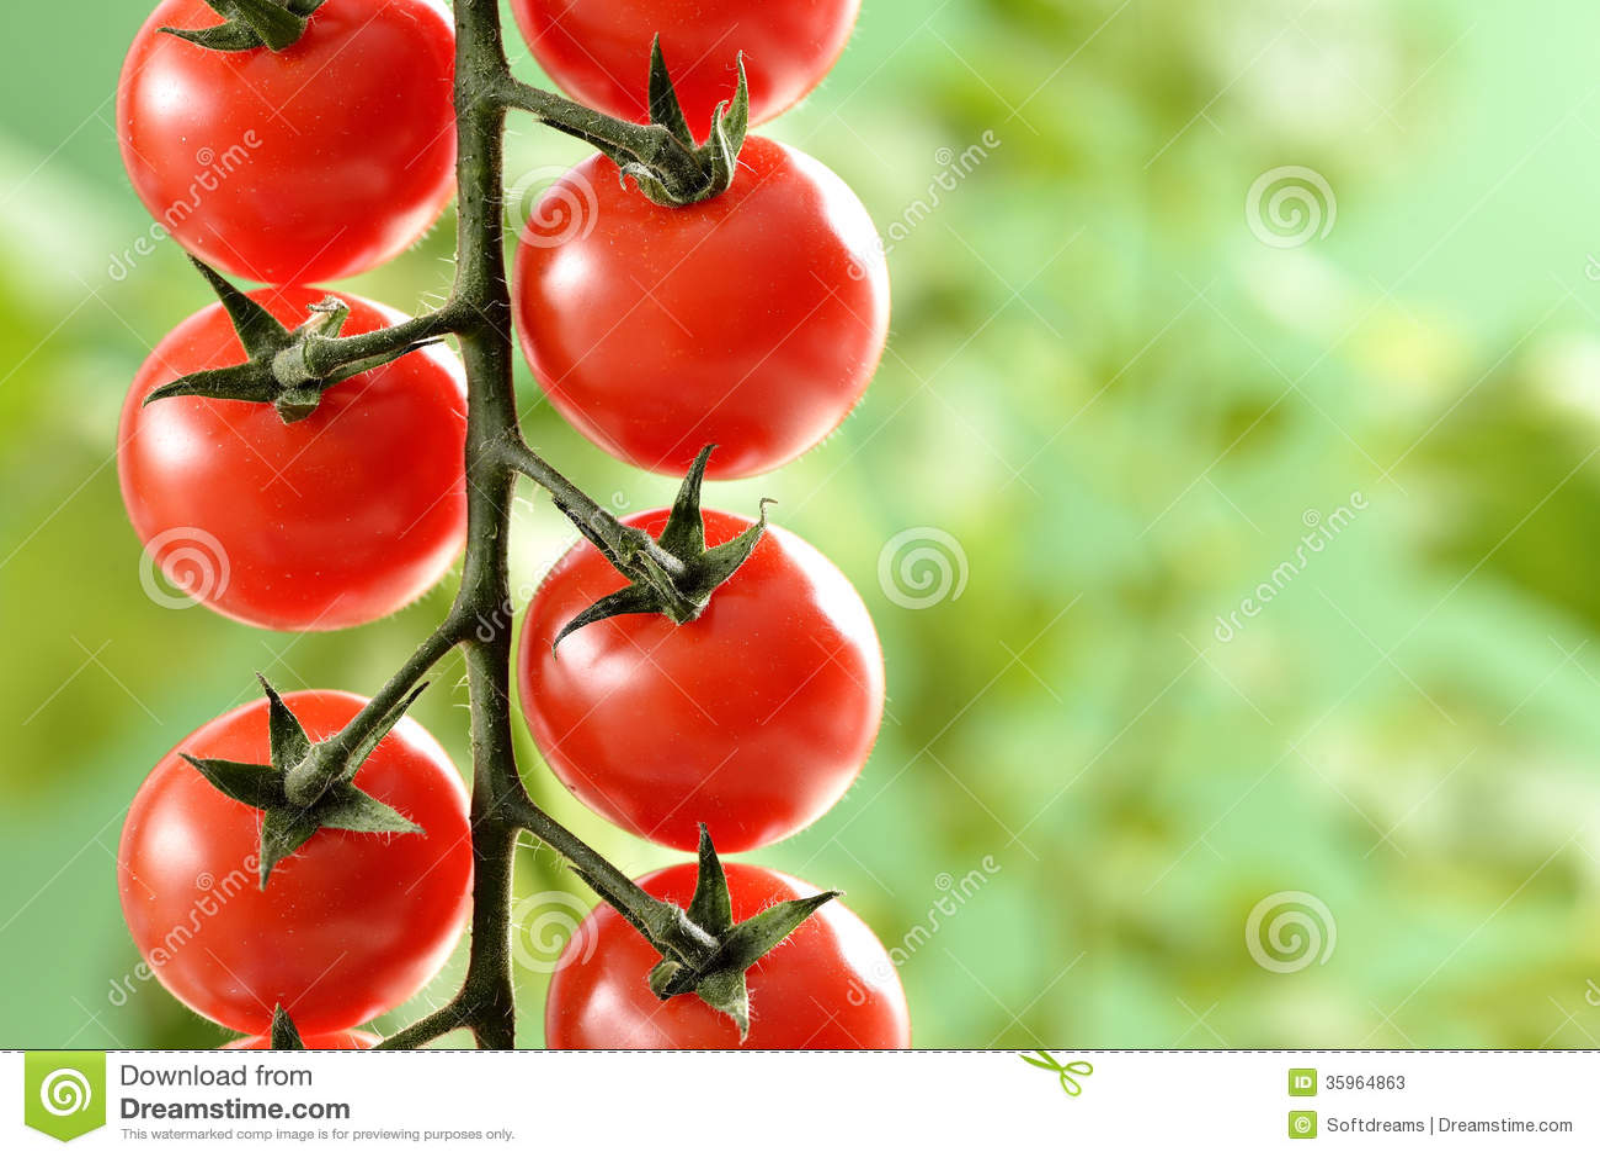 Pequeños tomates de cereza